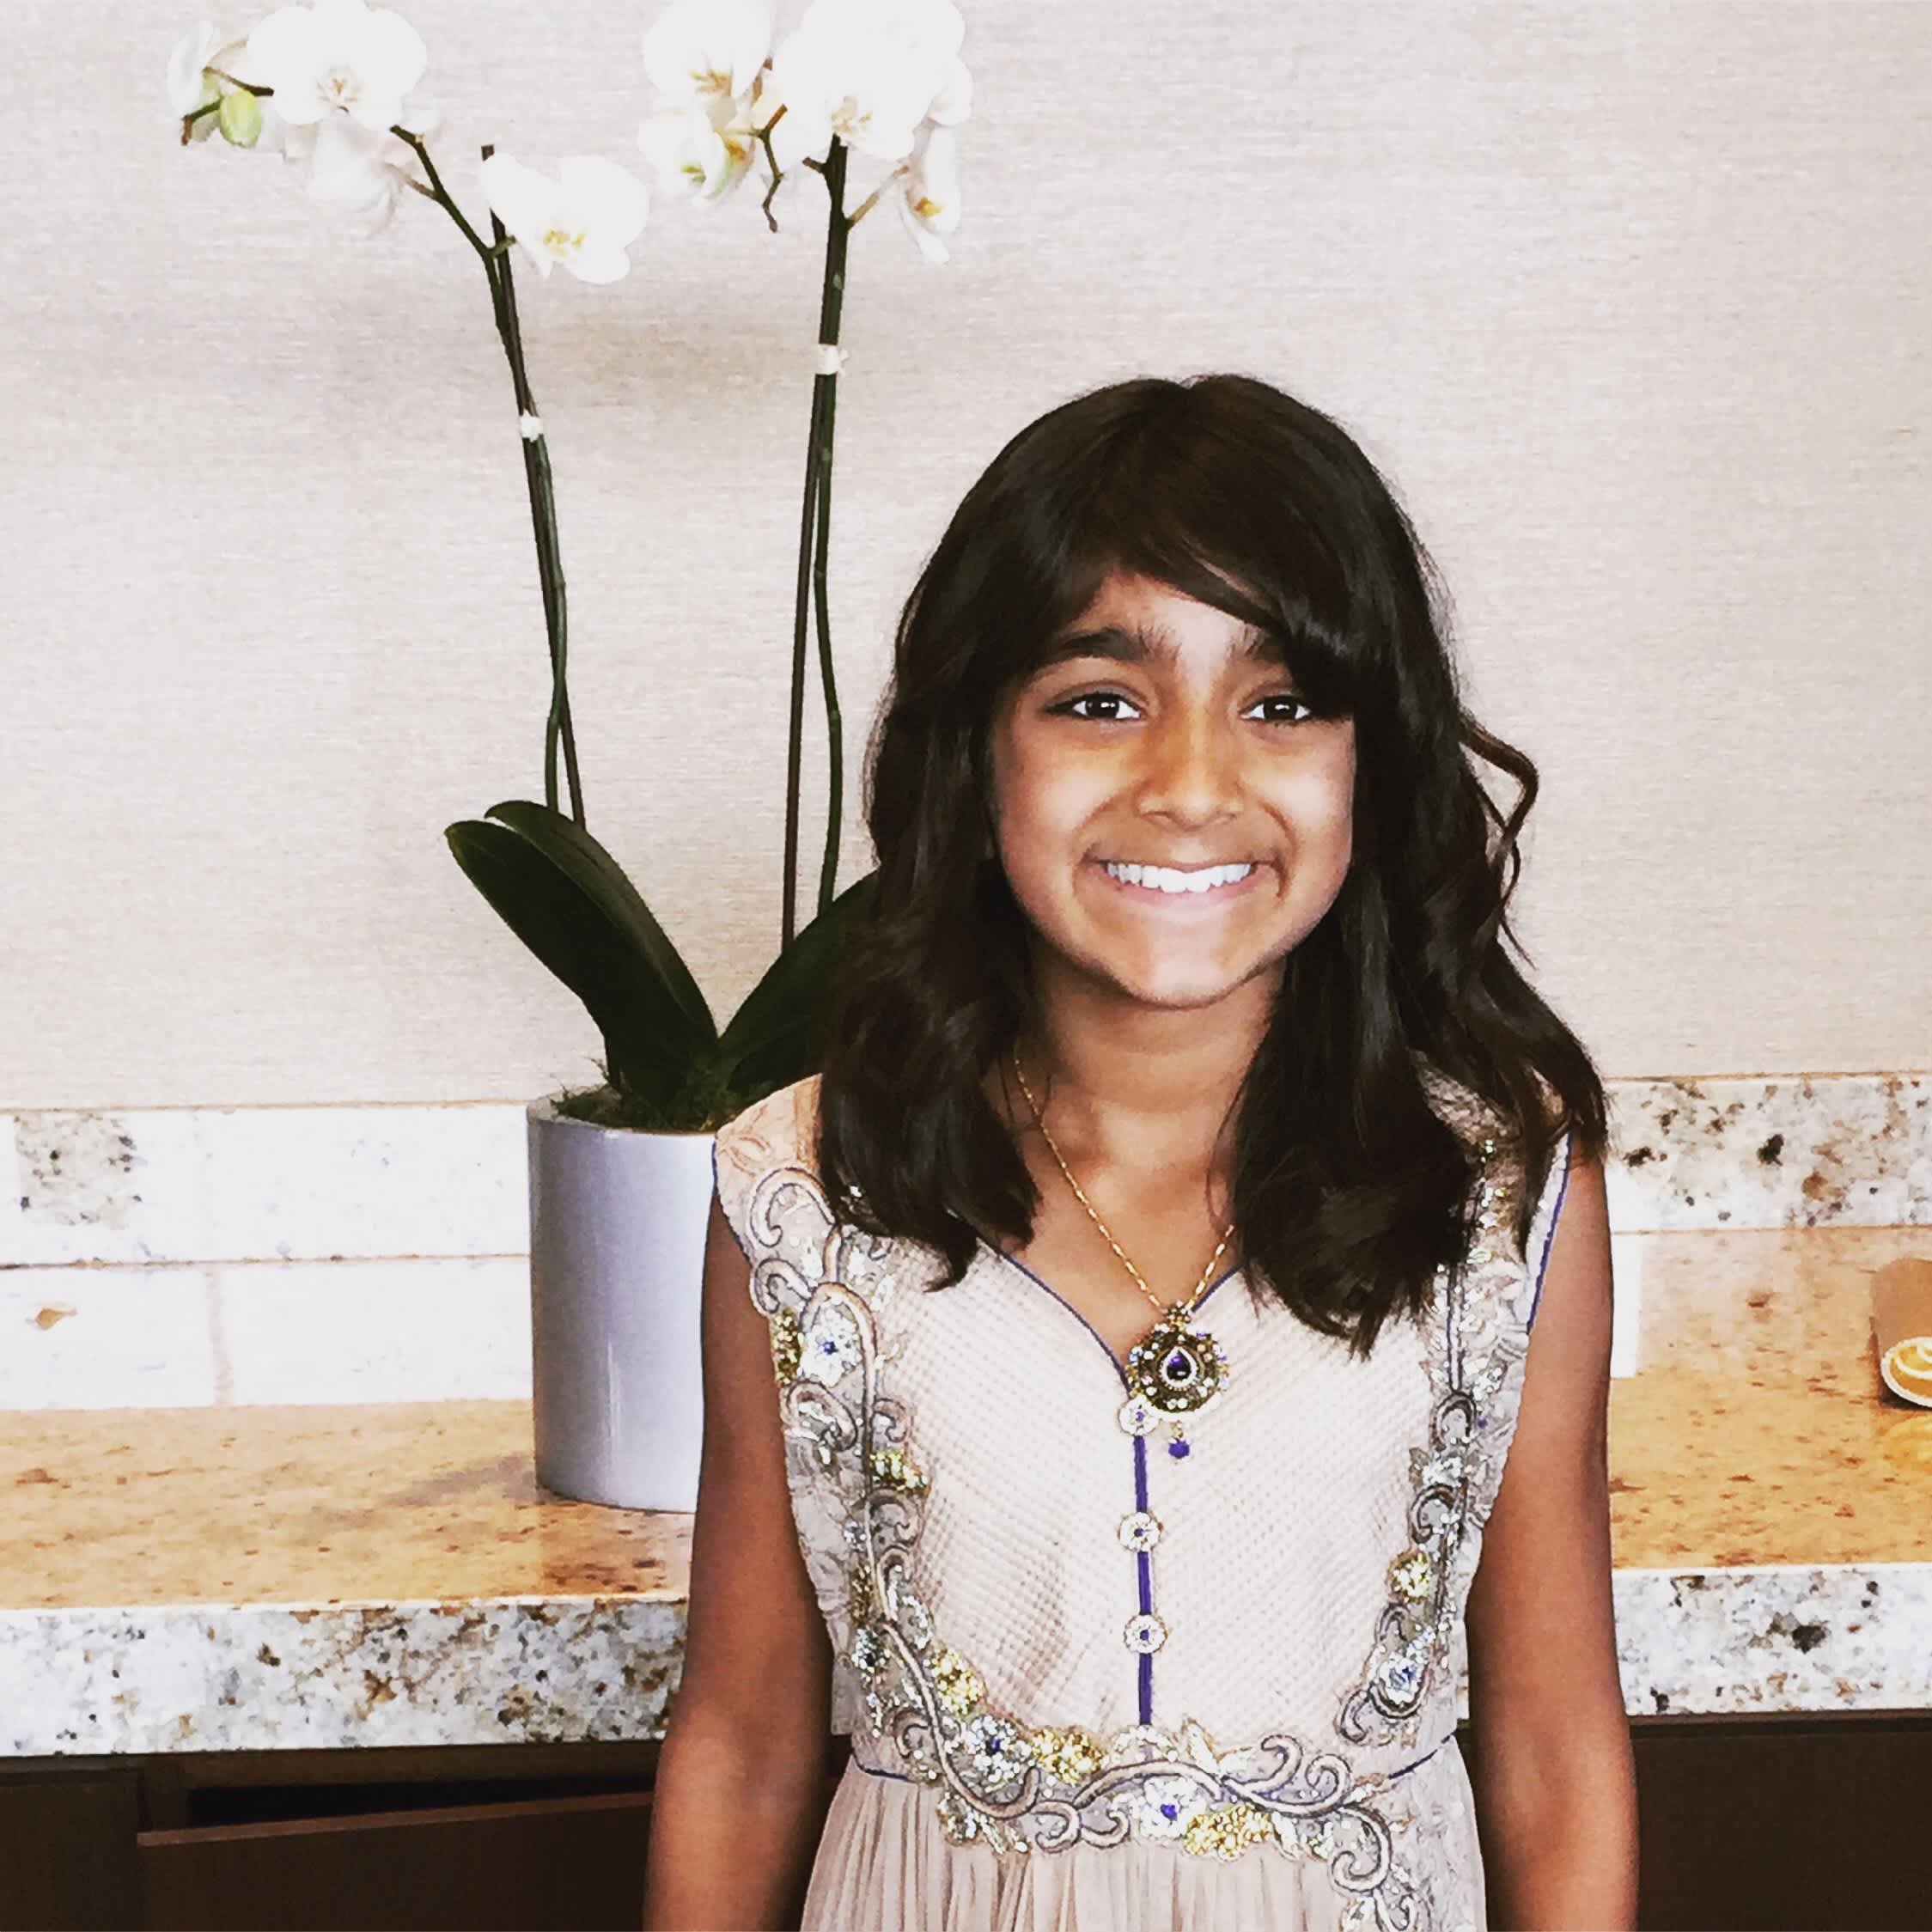 smiling girl on Diwali